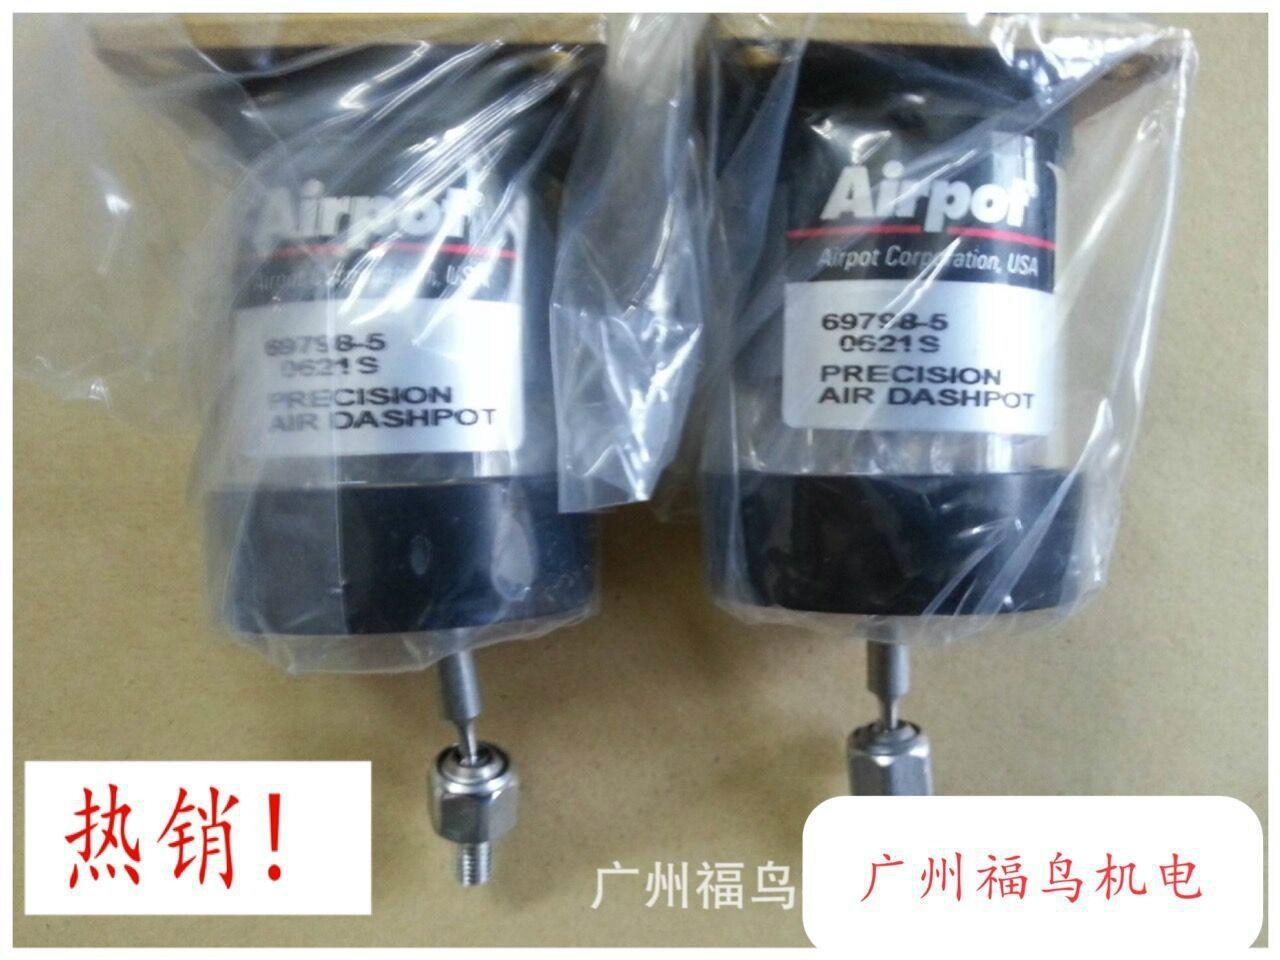 AIRPOT气缸, 阻尼器 型号: 69798-5